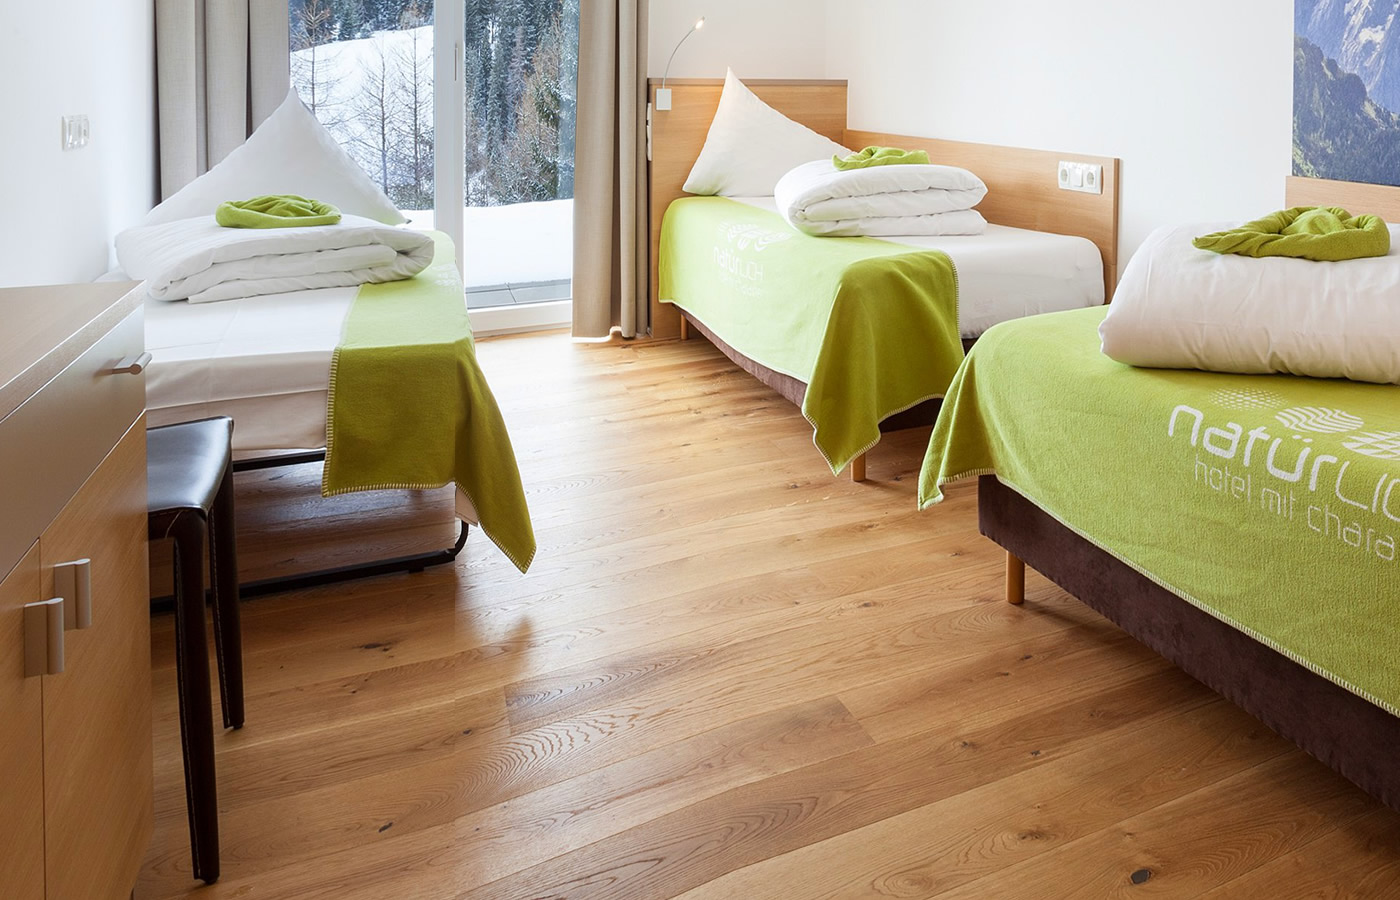 """Dreibettzimmer """"Atempause"""" - Kleingruppe-Urlaub in Serfaus-Fiss-Ladis in Tirol."""